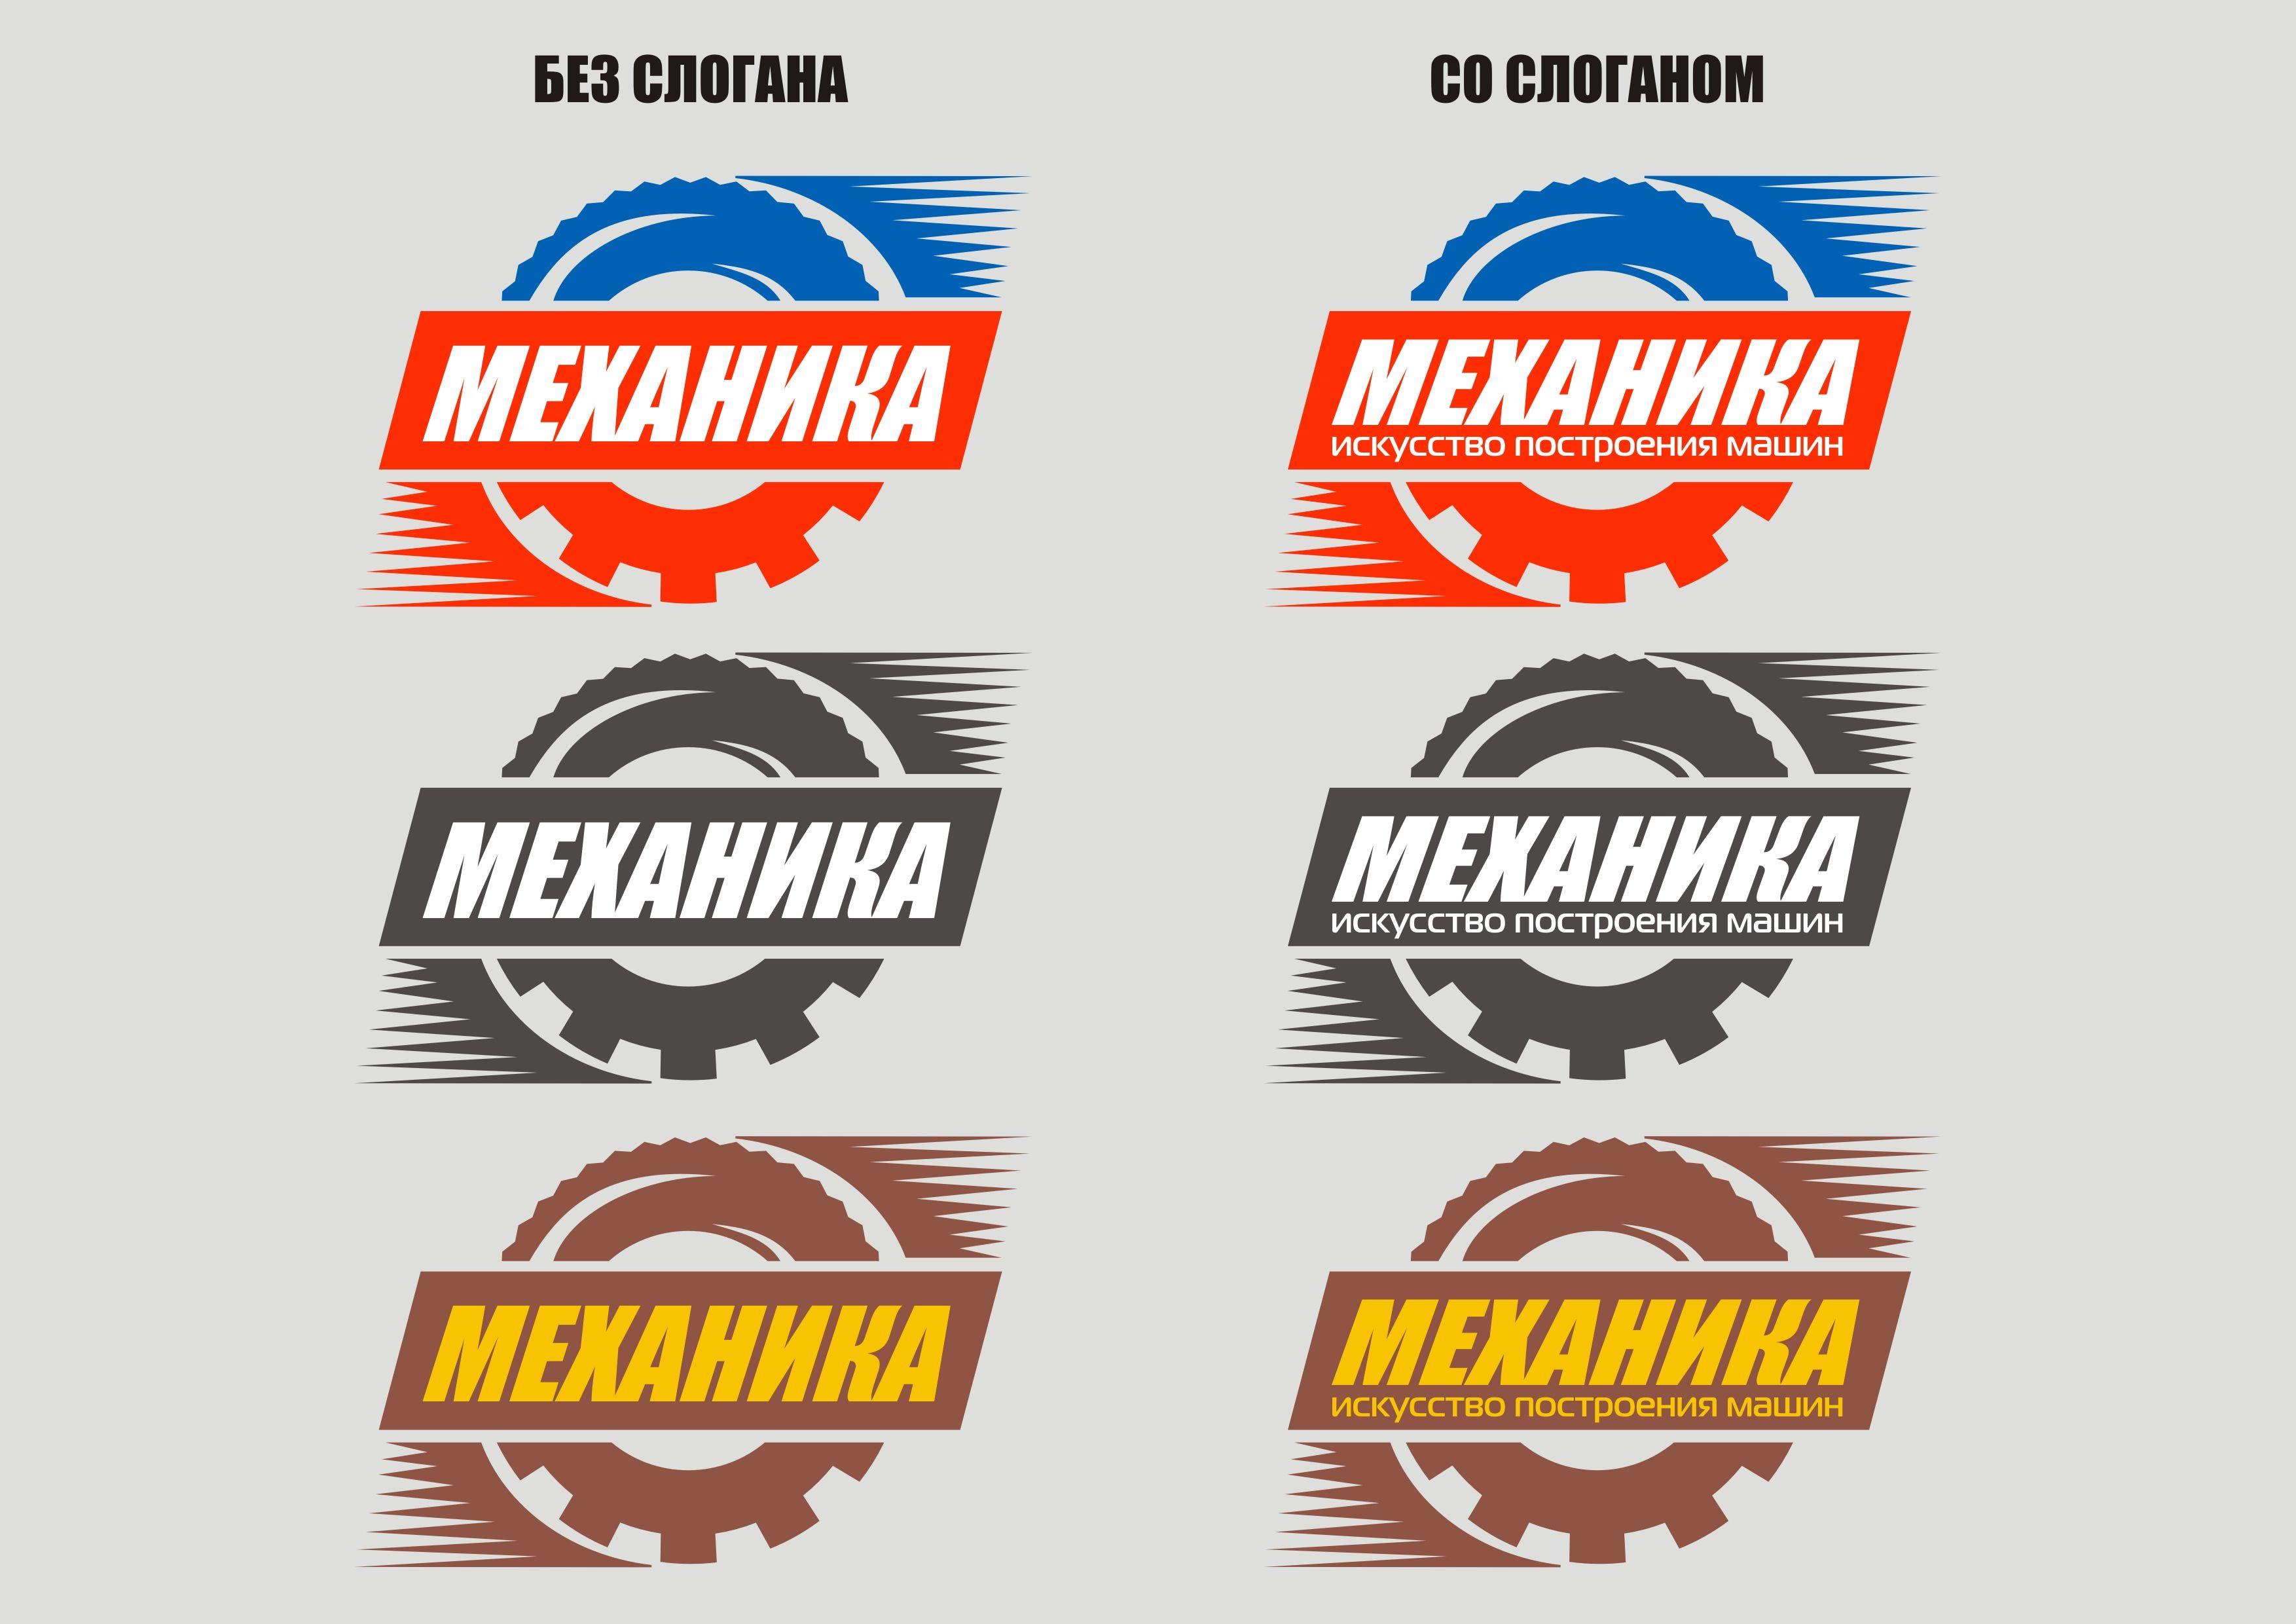 Логотип для магазина автозапчасти 'Механика' - дизайнер Andrey_Malkin